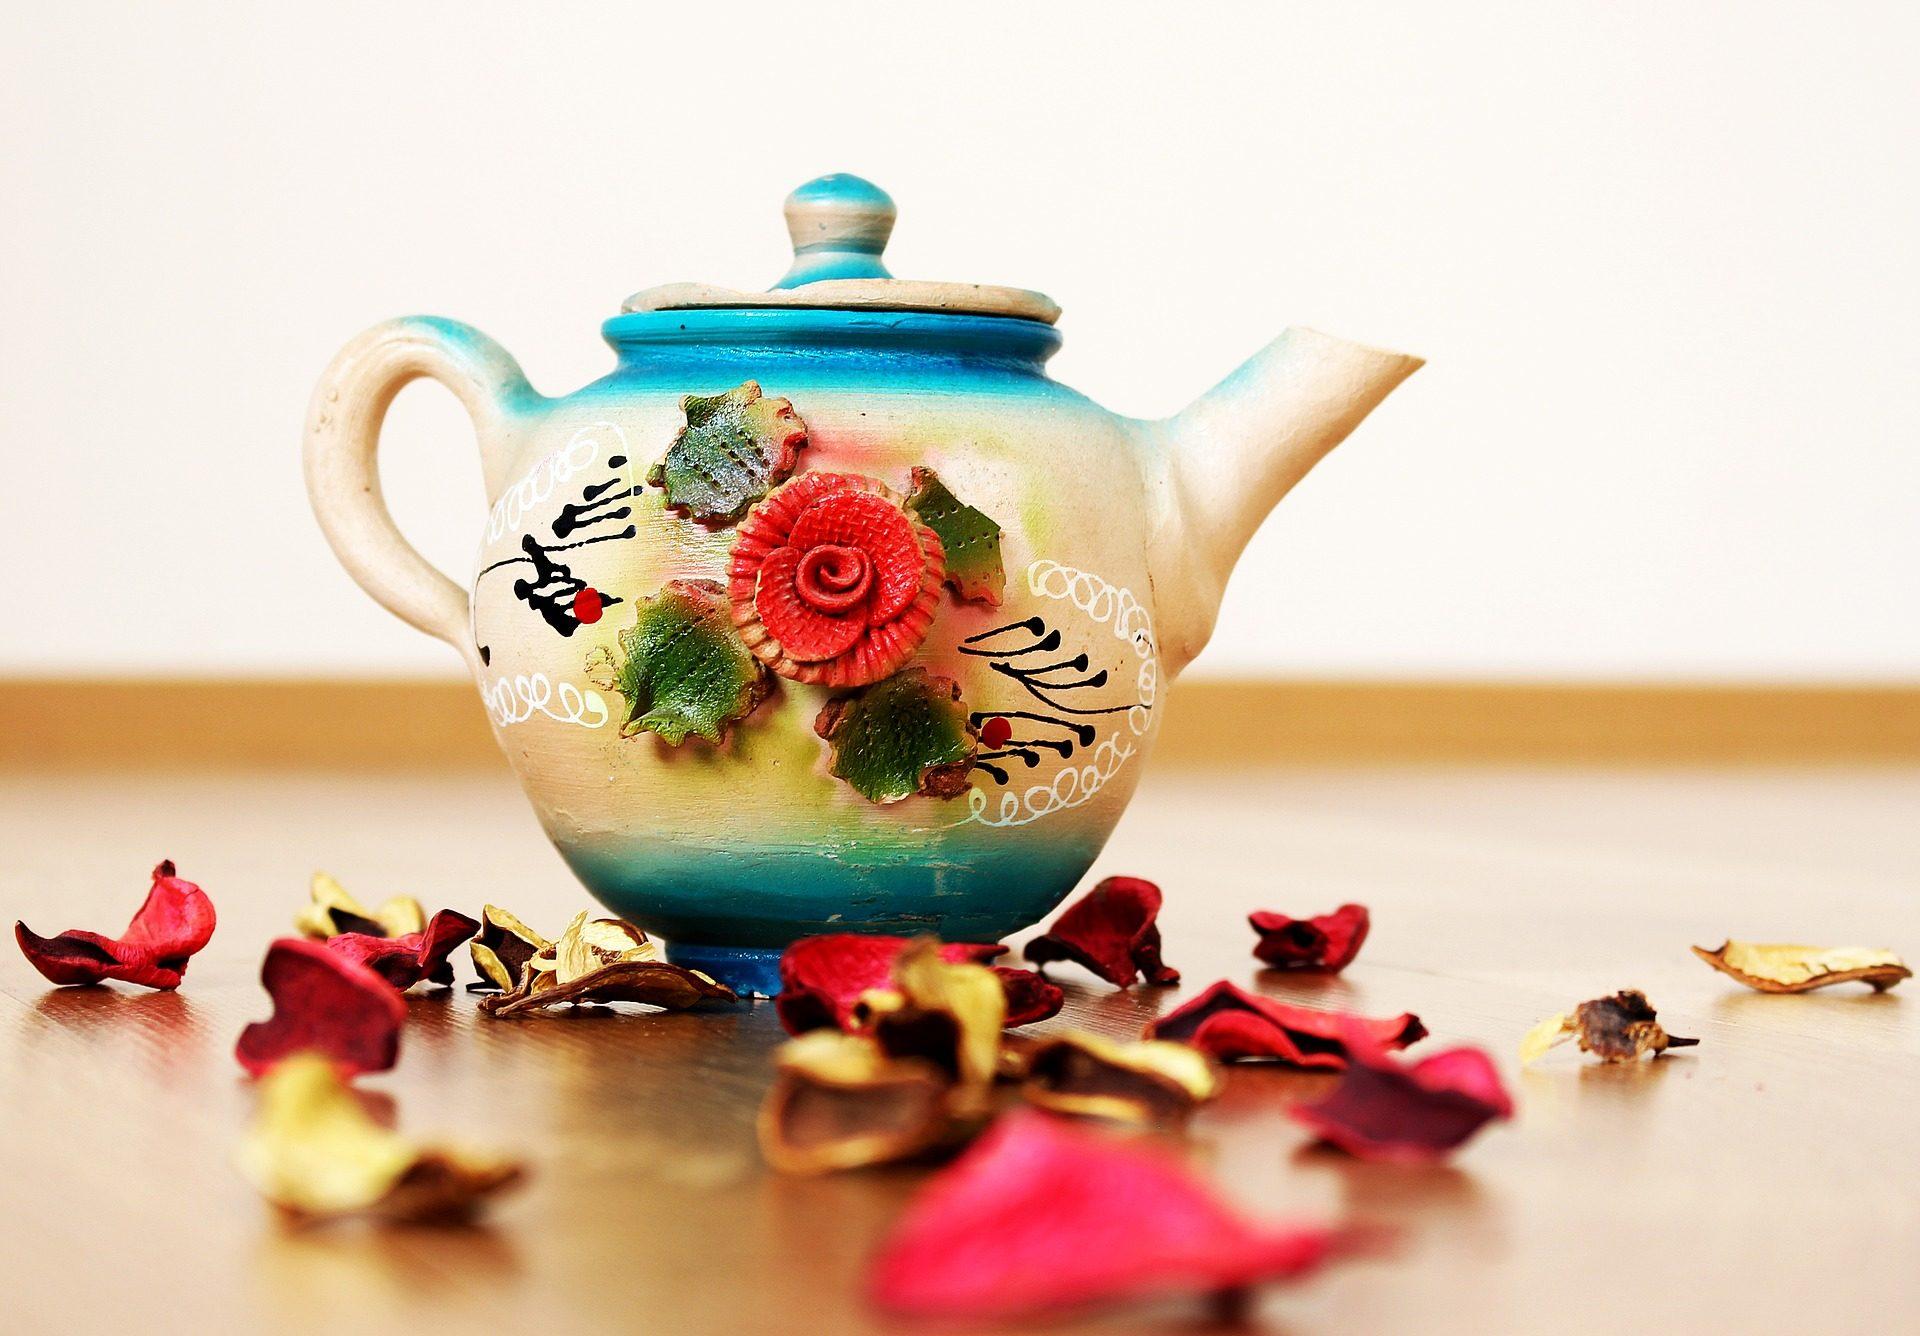 tetera, thé, feuilles, ornementation, dessins - Fonds d'écran HD - Professor-falken.com